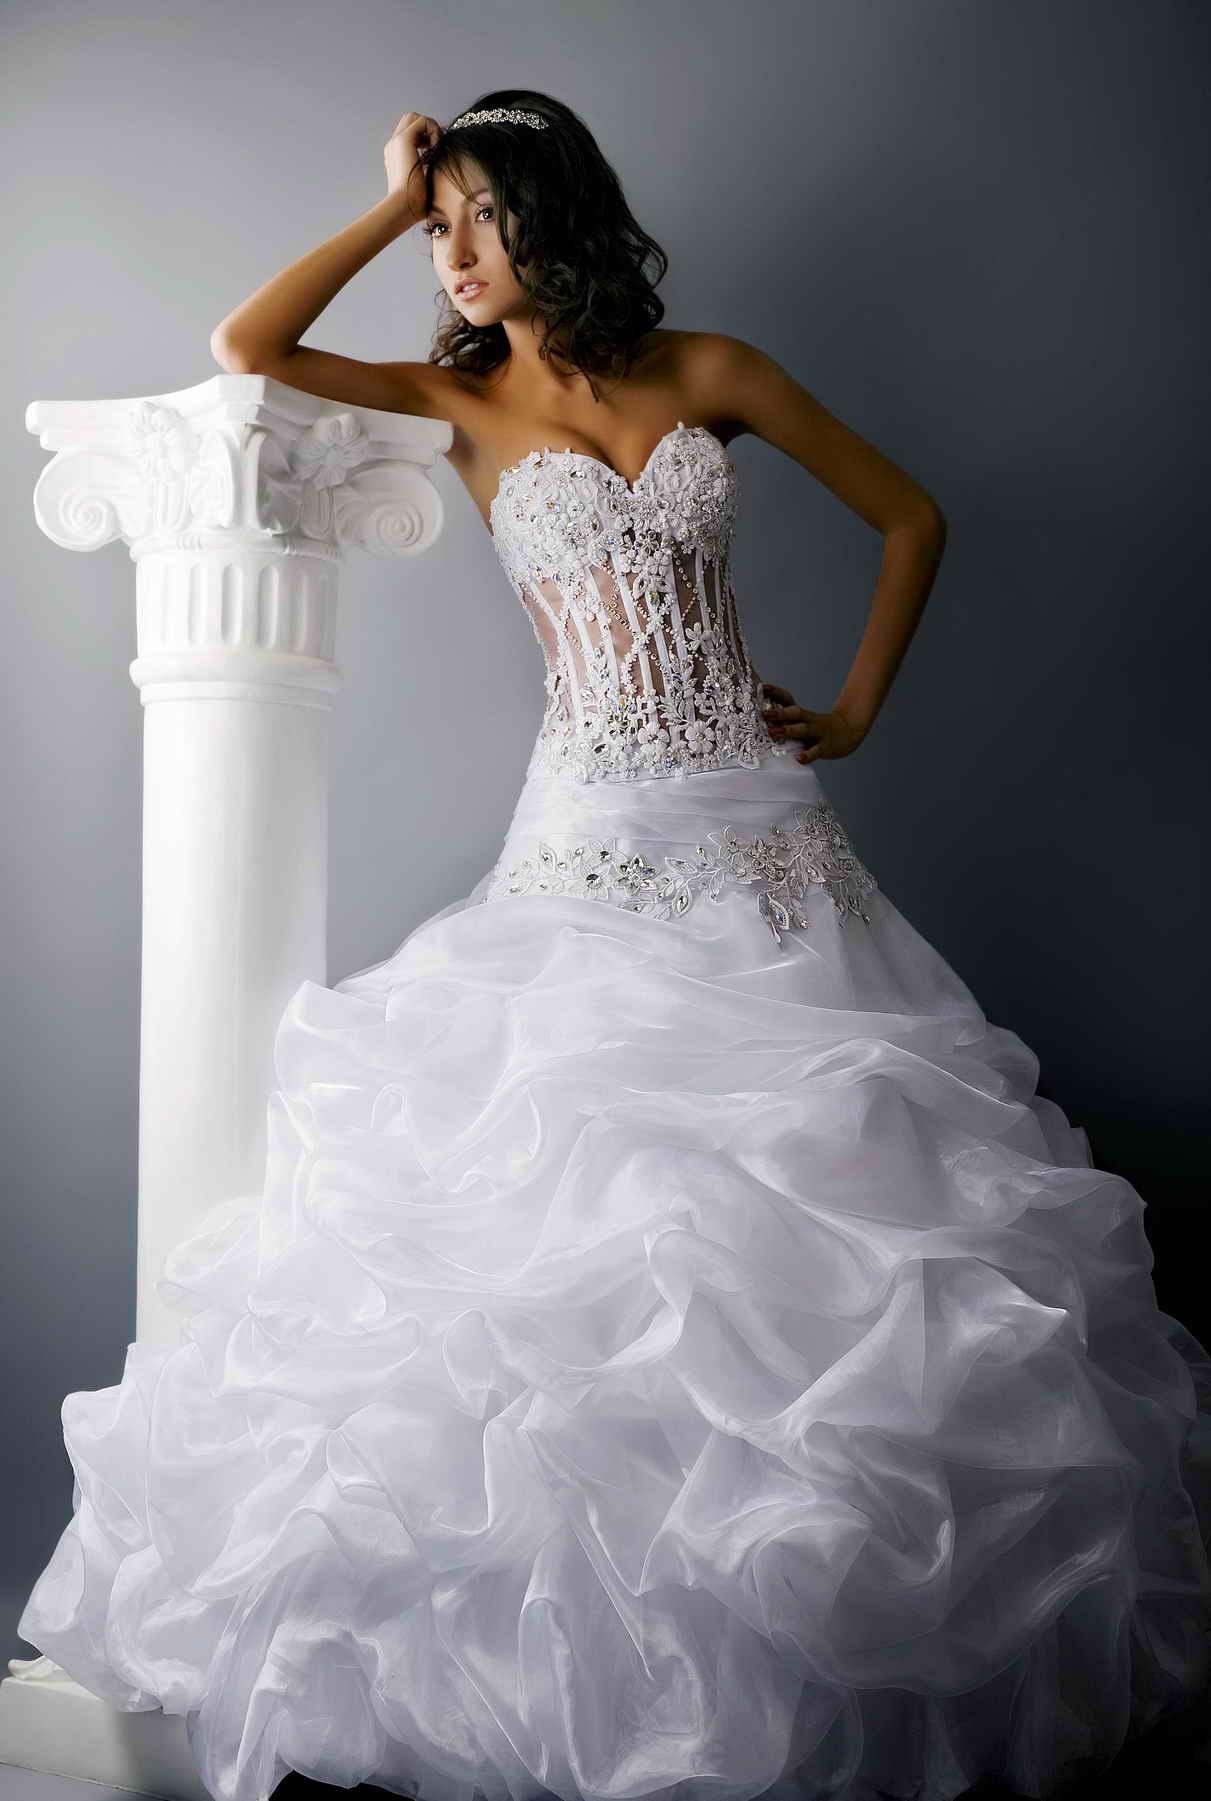 Самое красивое свадебное платье в мире | Искусство быть женщиной